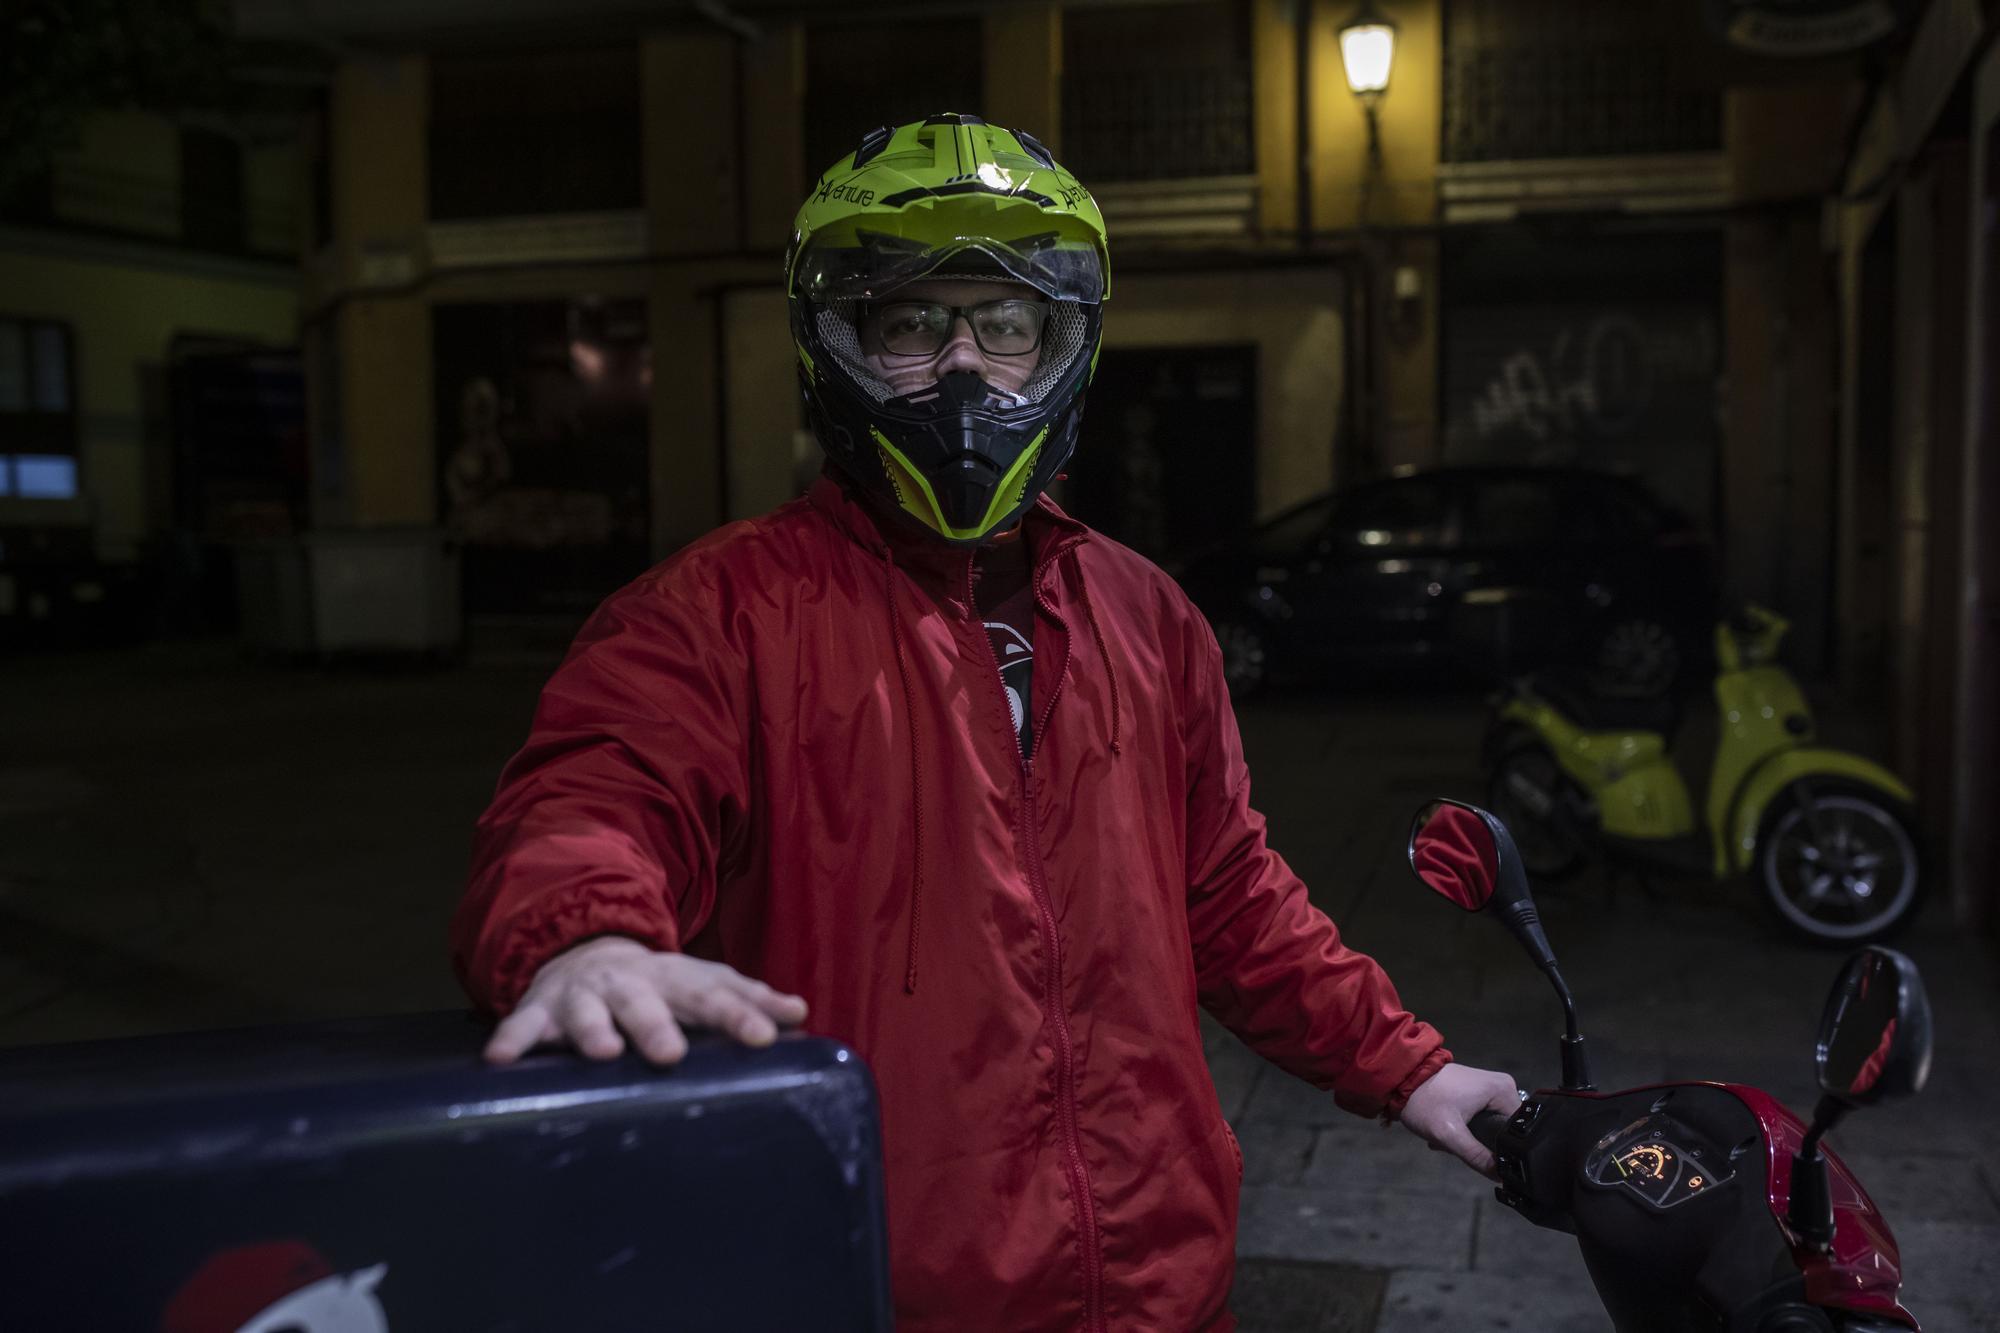 Zamora, vidas al límite | El turno de noche sortea el vacío